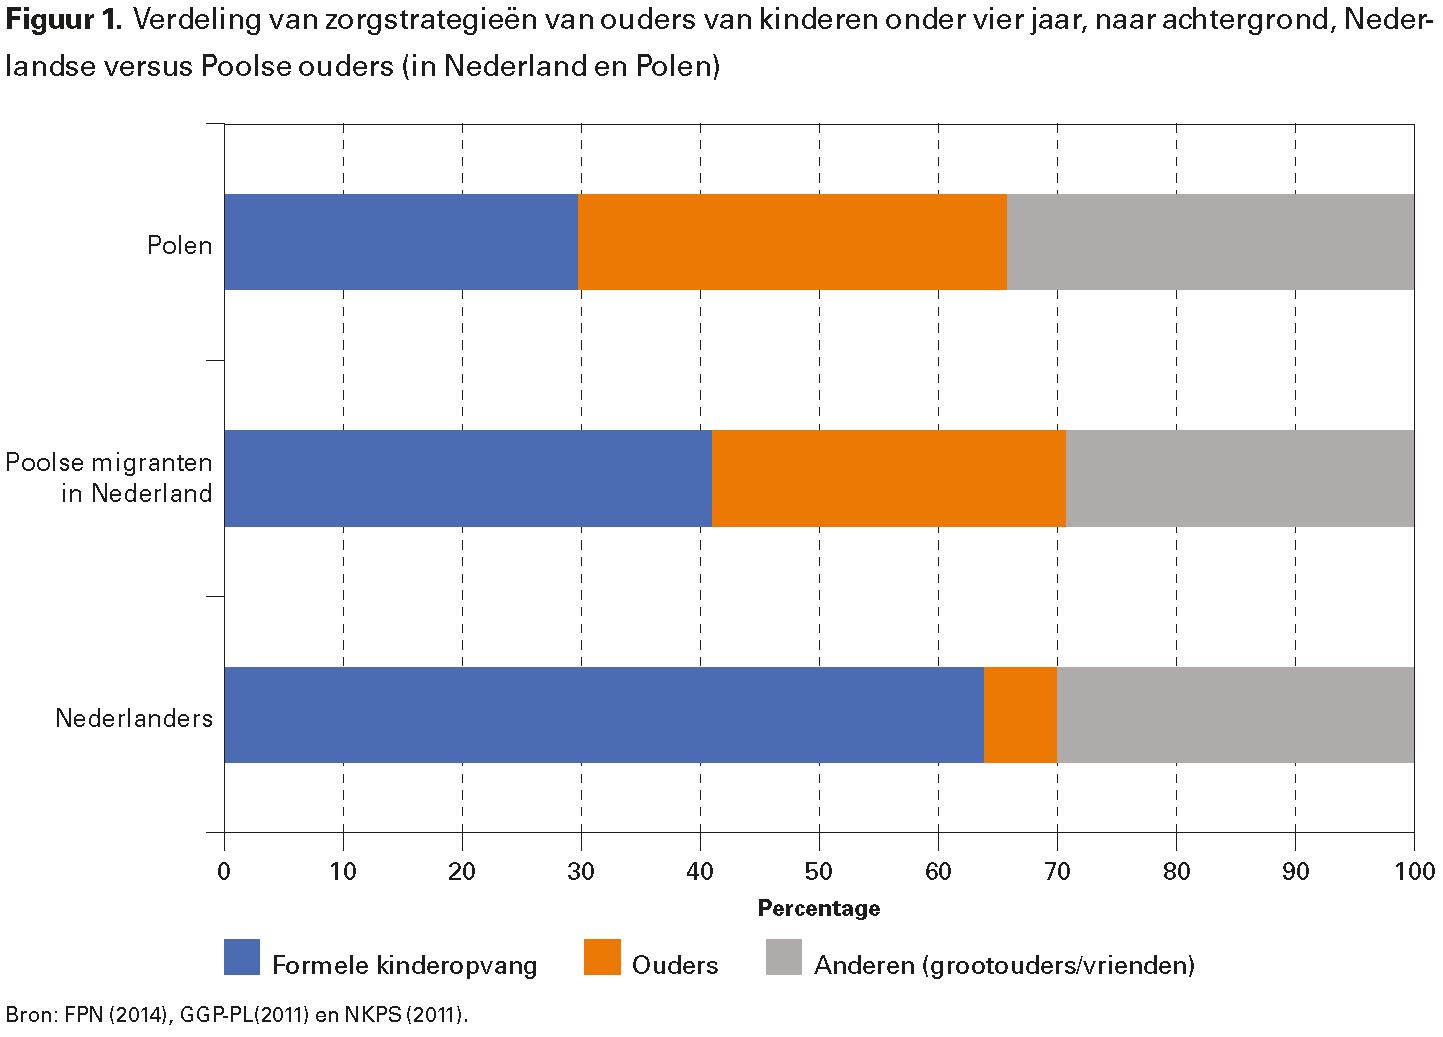 Figuur 1. Verdeling van zorgstrategieën van ouders van kinderen onder vier jaar, naar achtergrond, Nederlandse versus Poolse ouders (in Nederland en Polen)